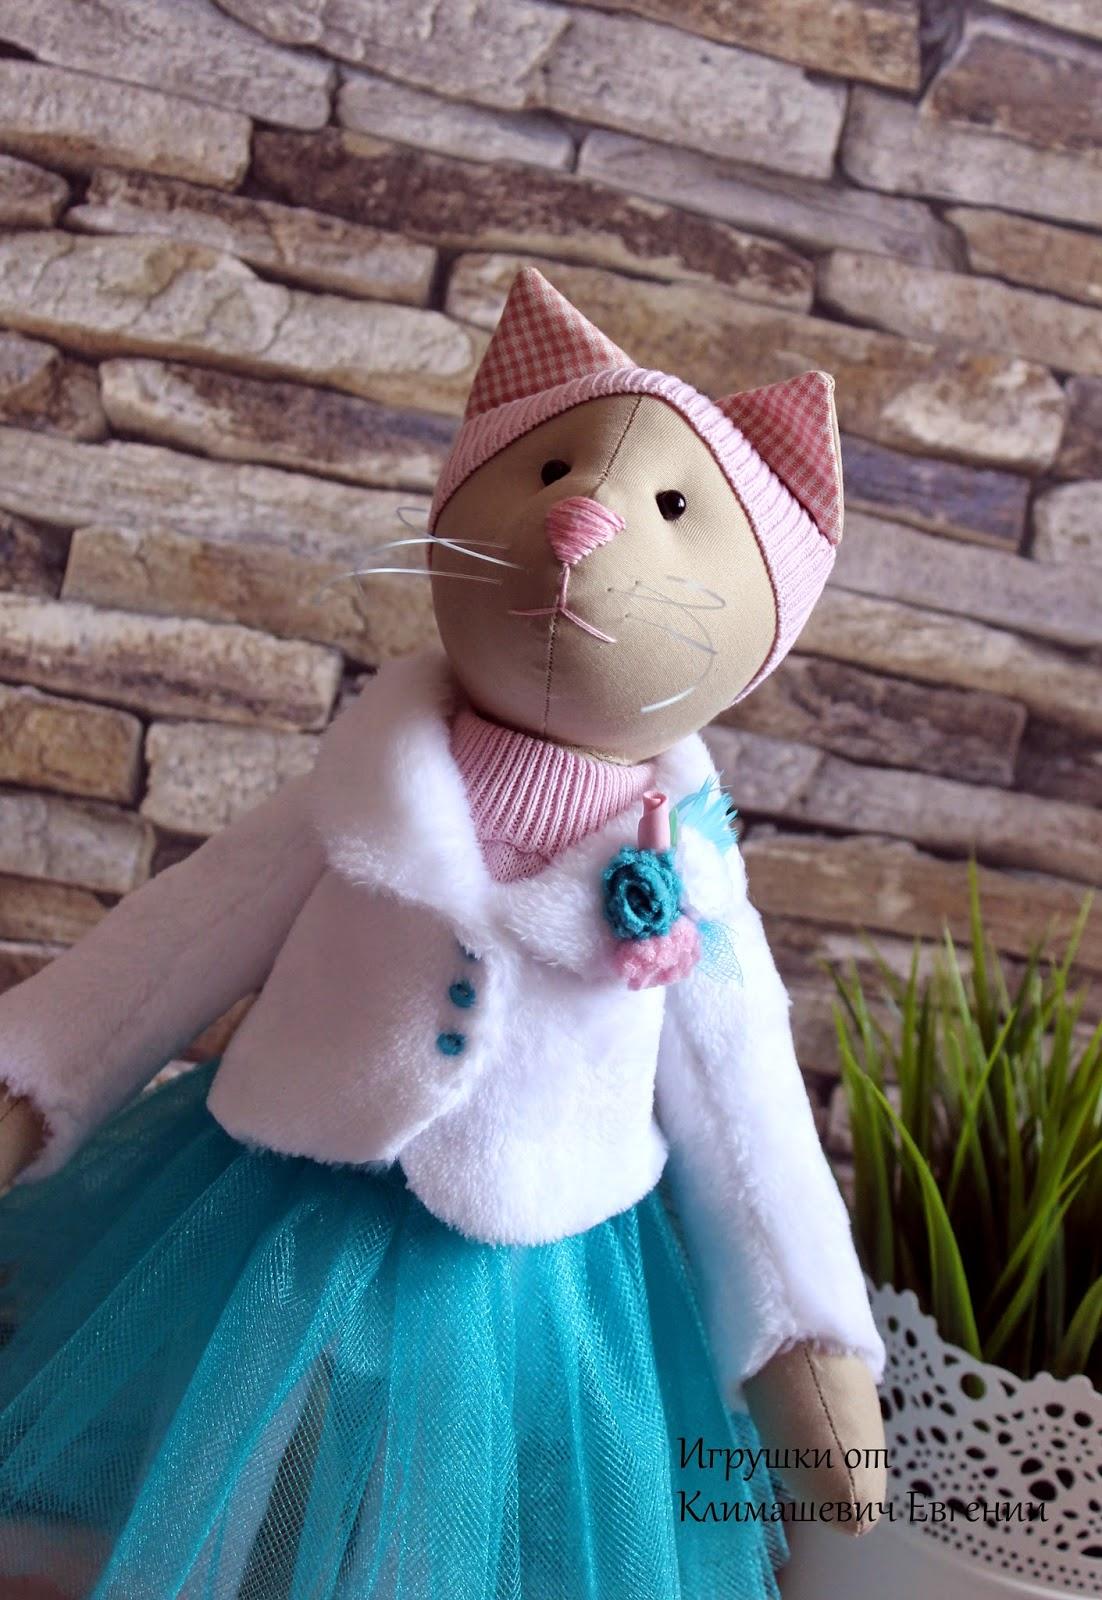 Кошечка, кошка, кошки, купить кошку, игрушка кошка, тильда кошка, кошка в платье, текстильная игрушка, интерьерная игрушка, авторская игрушка, игрушка в подарок, подарок для девушки, подарок для девочки, подарок для женщины, подарок на 8 марта, 8 марта.